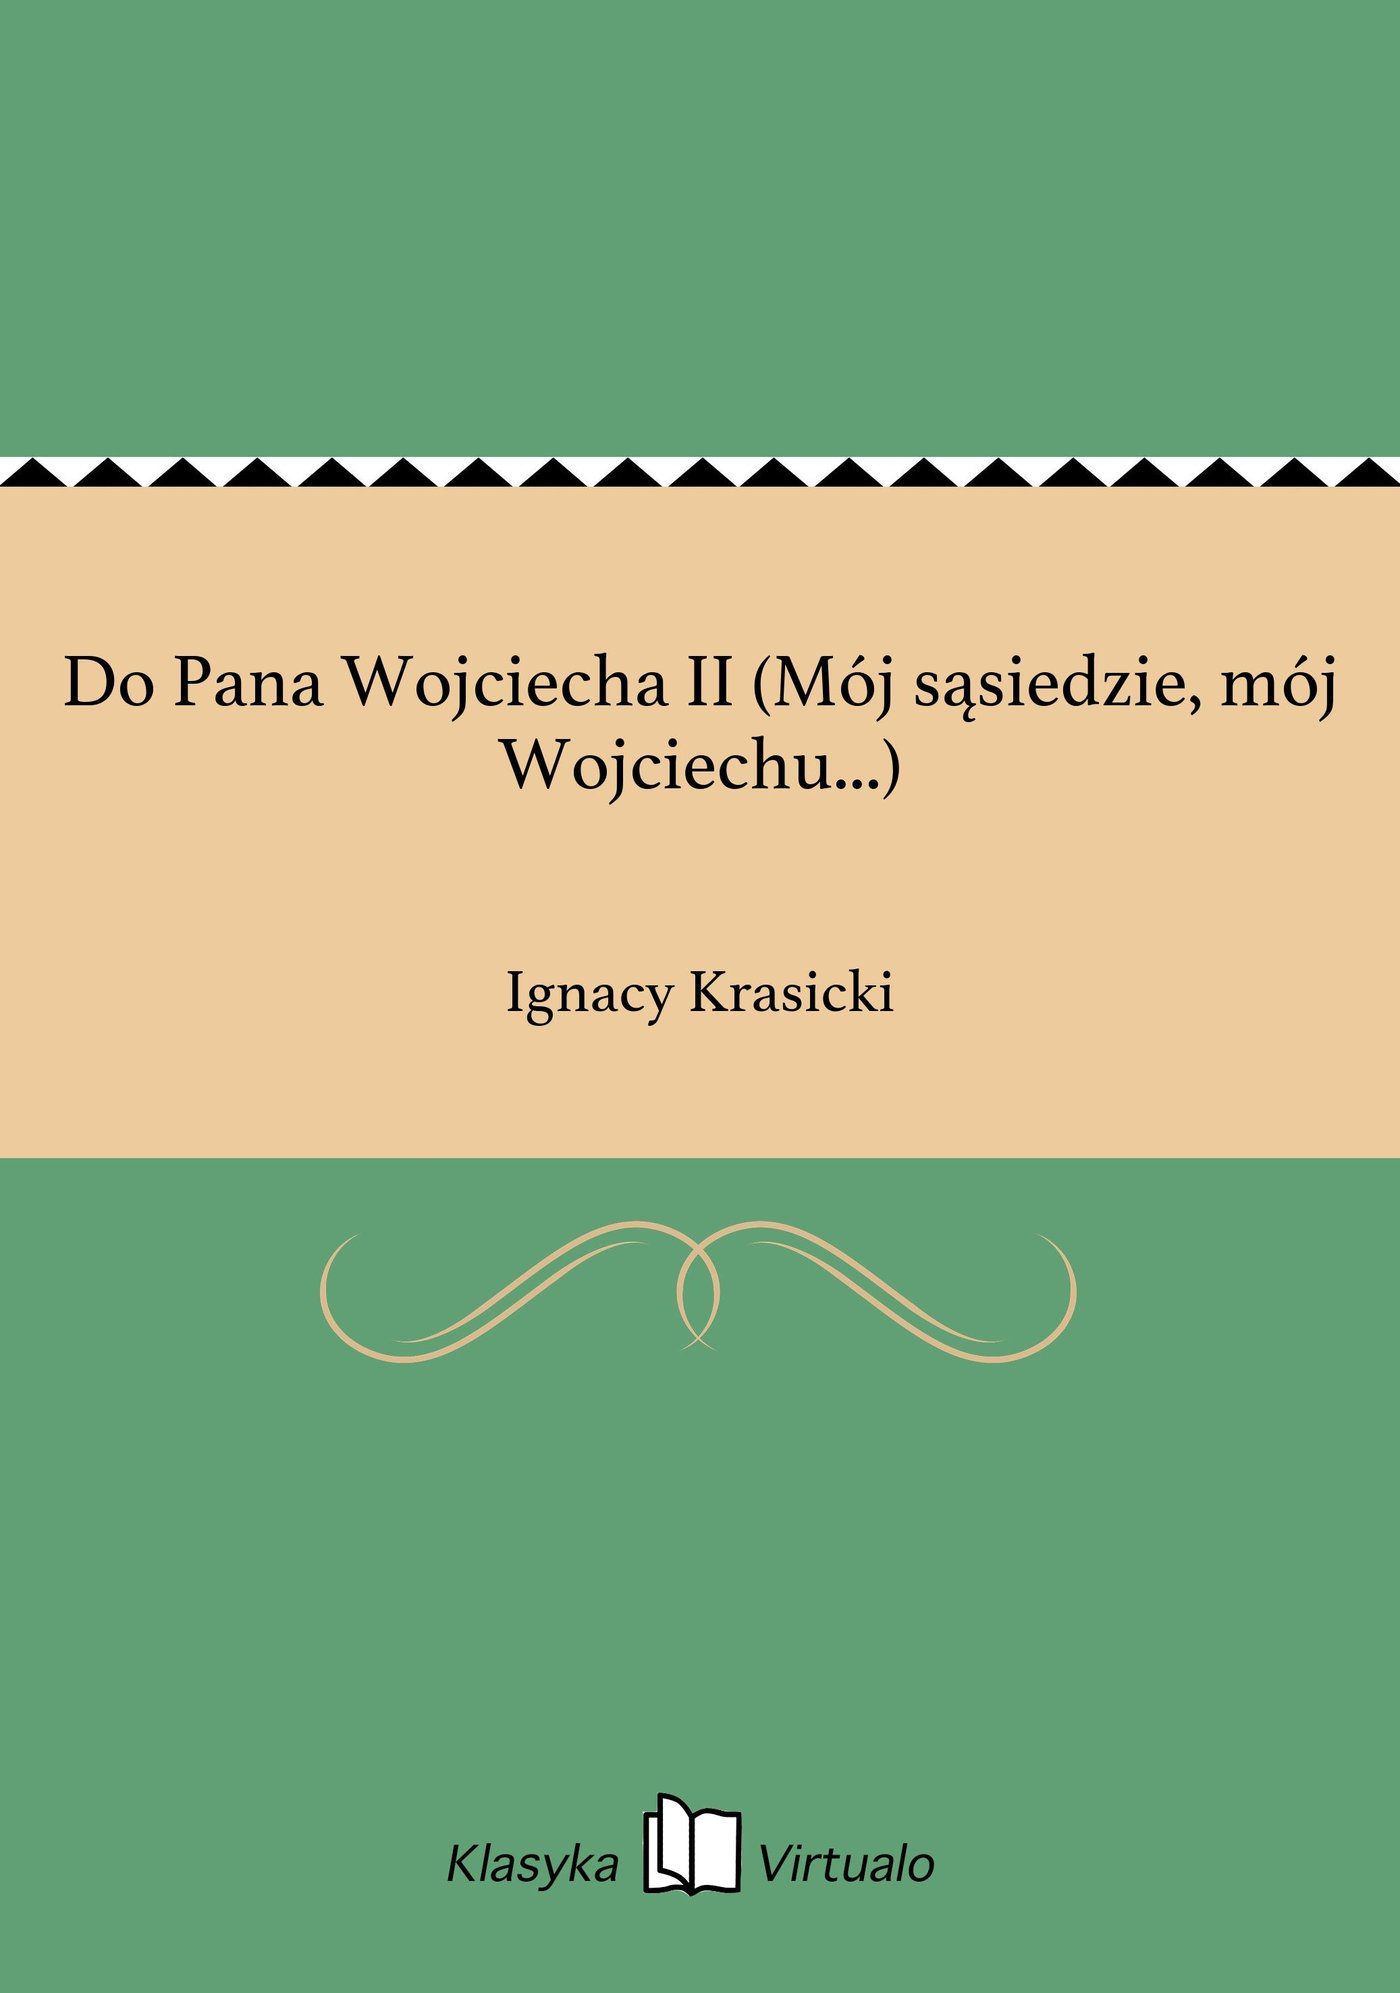 Do Pana Wojciecha II (Mój sąsiedzie, mój Wojciechu...) - Ebook (Książka EPUB) do pobrania w formacie EPUB